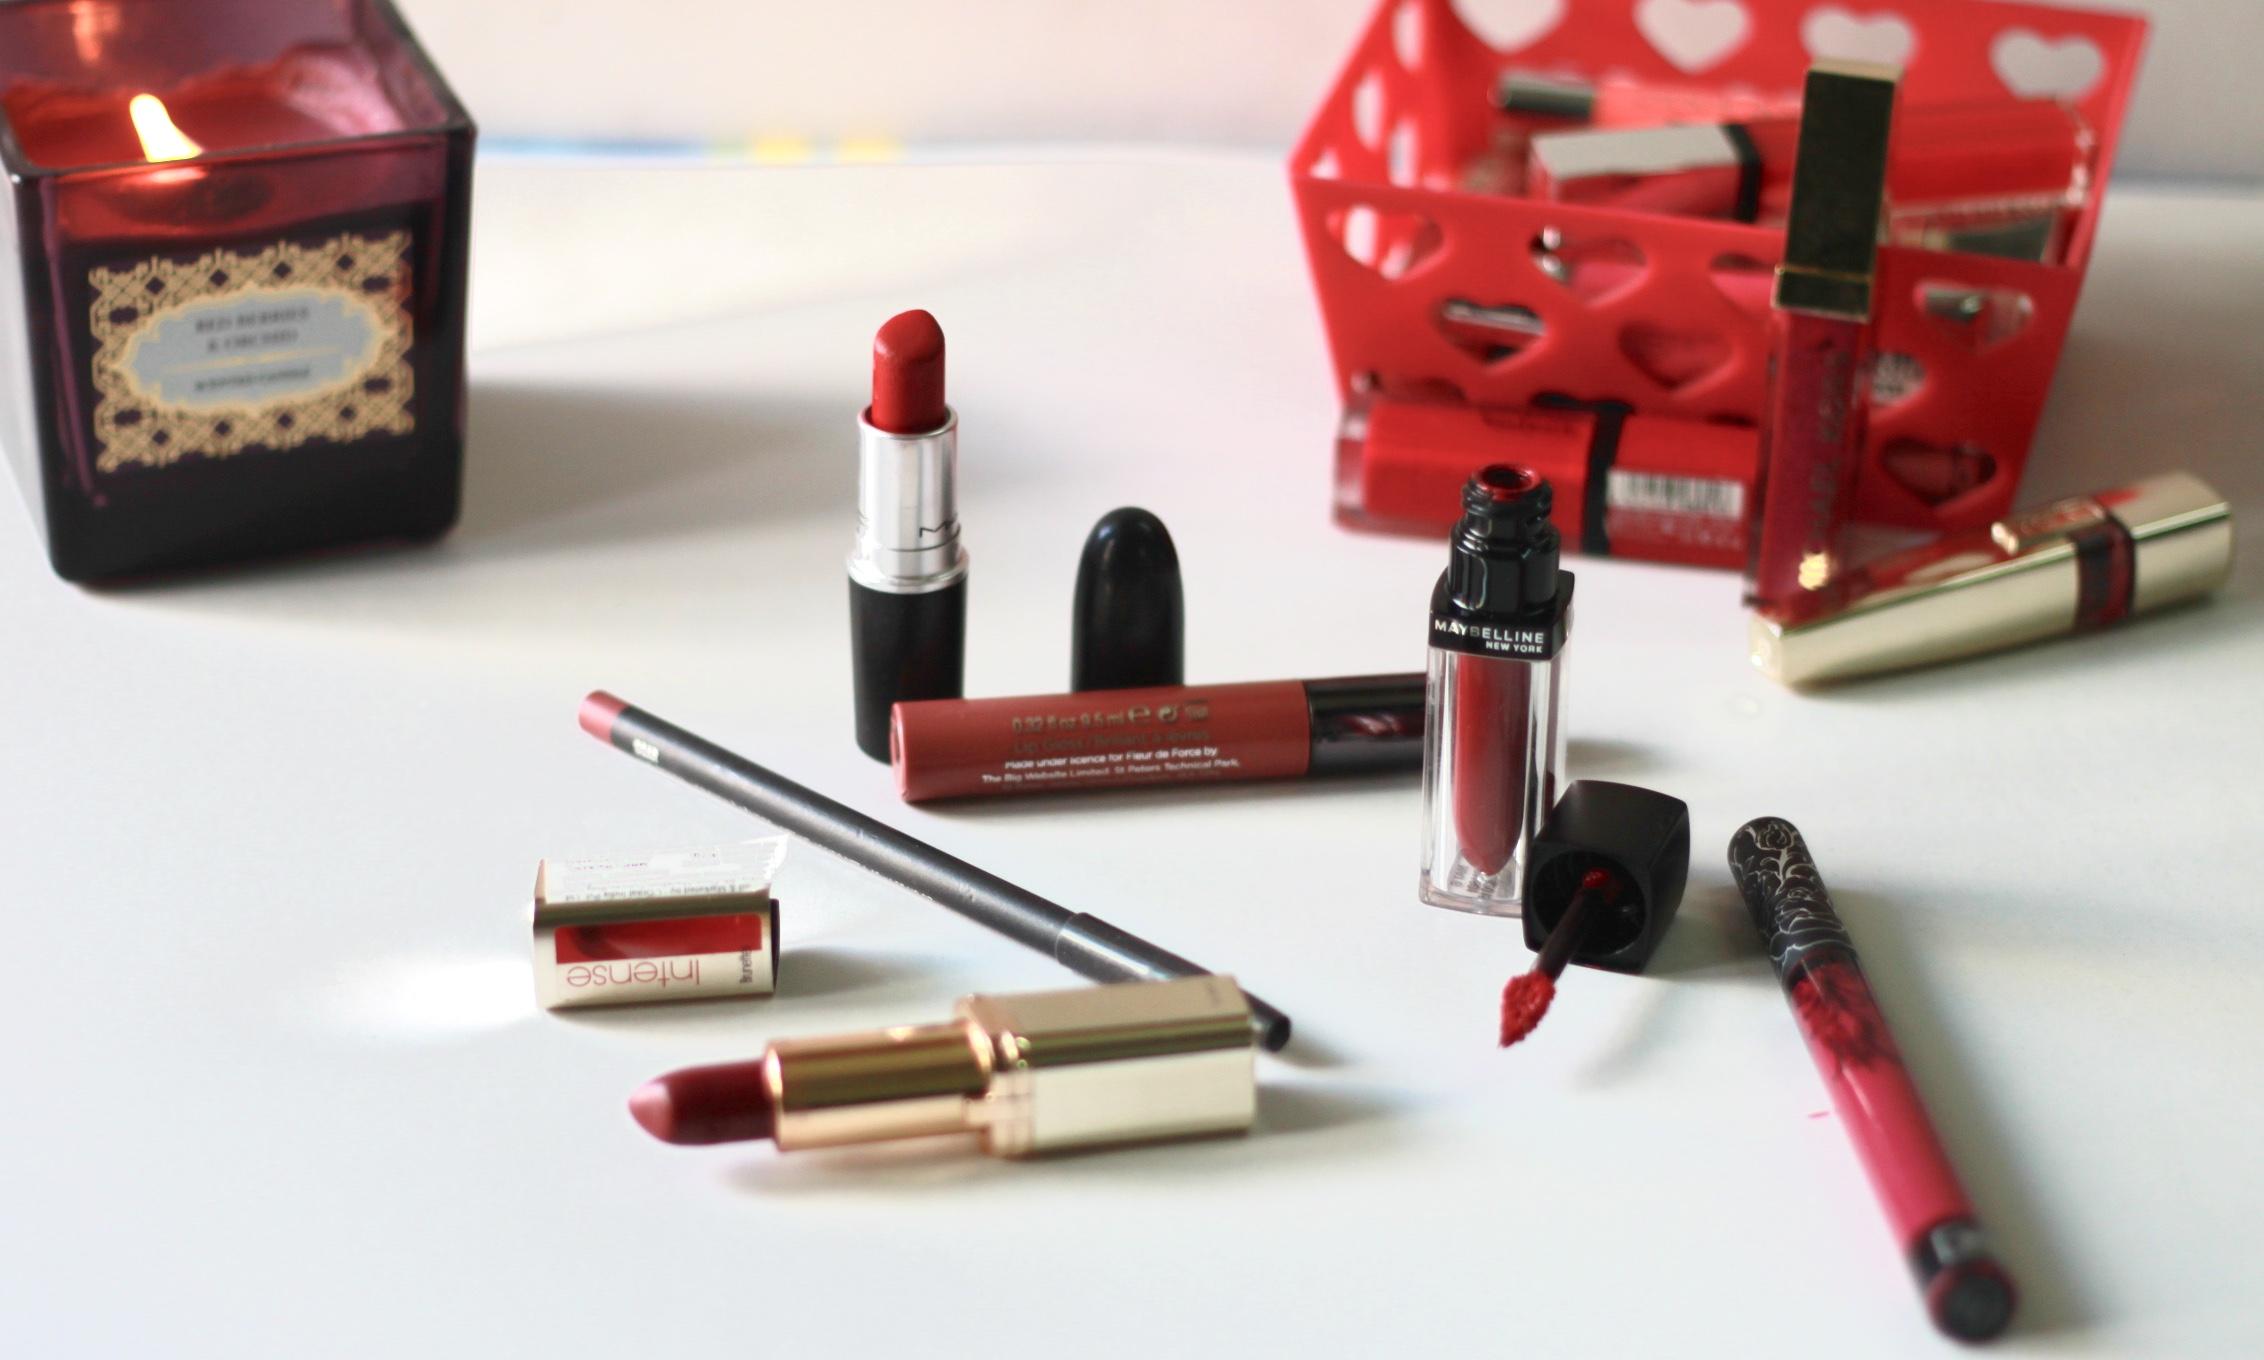 top 5 winter lipsticks, winter lipsticks, MAC ruby woo, maybelline velvet mat, fleur de force, mac soar, kat von d